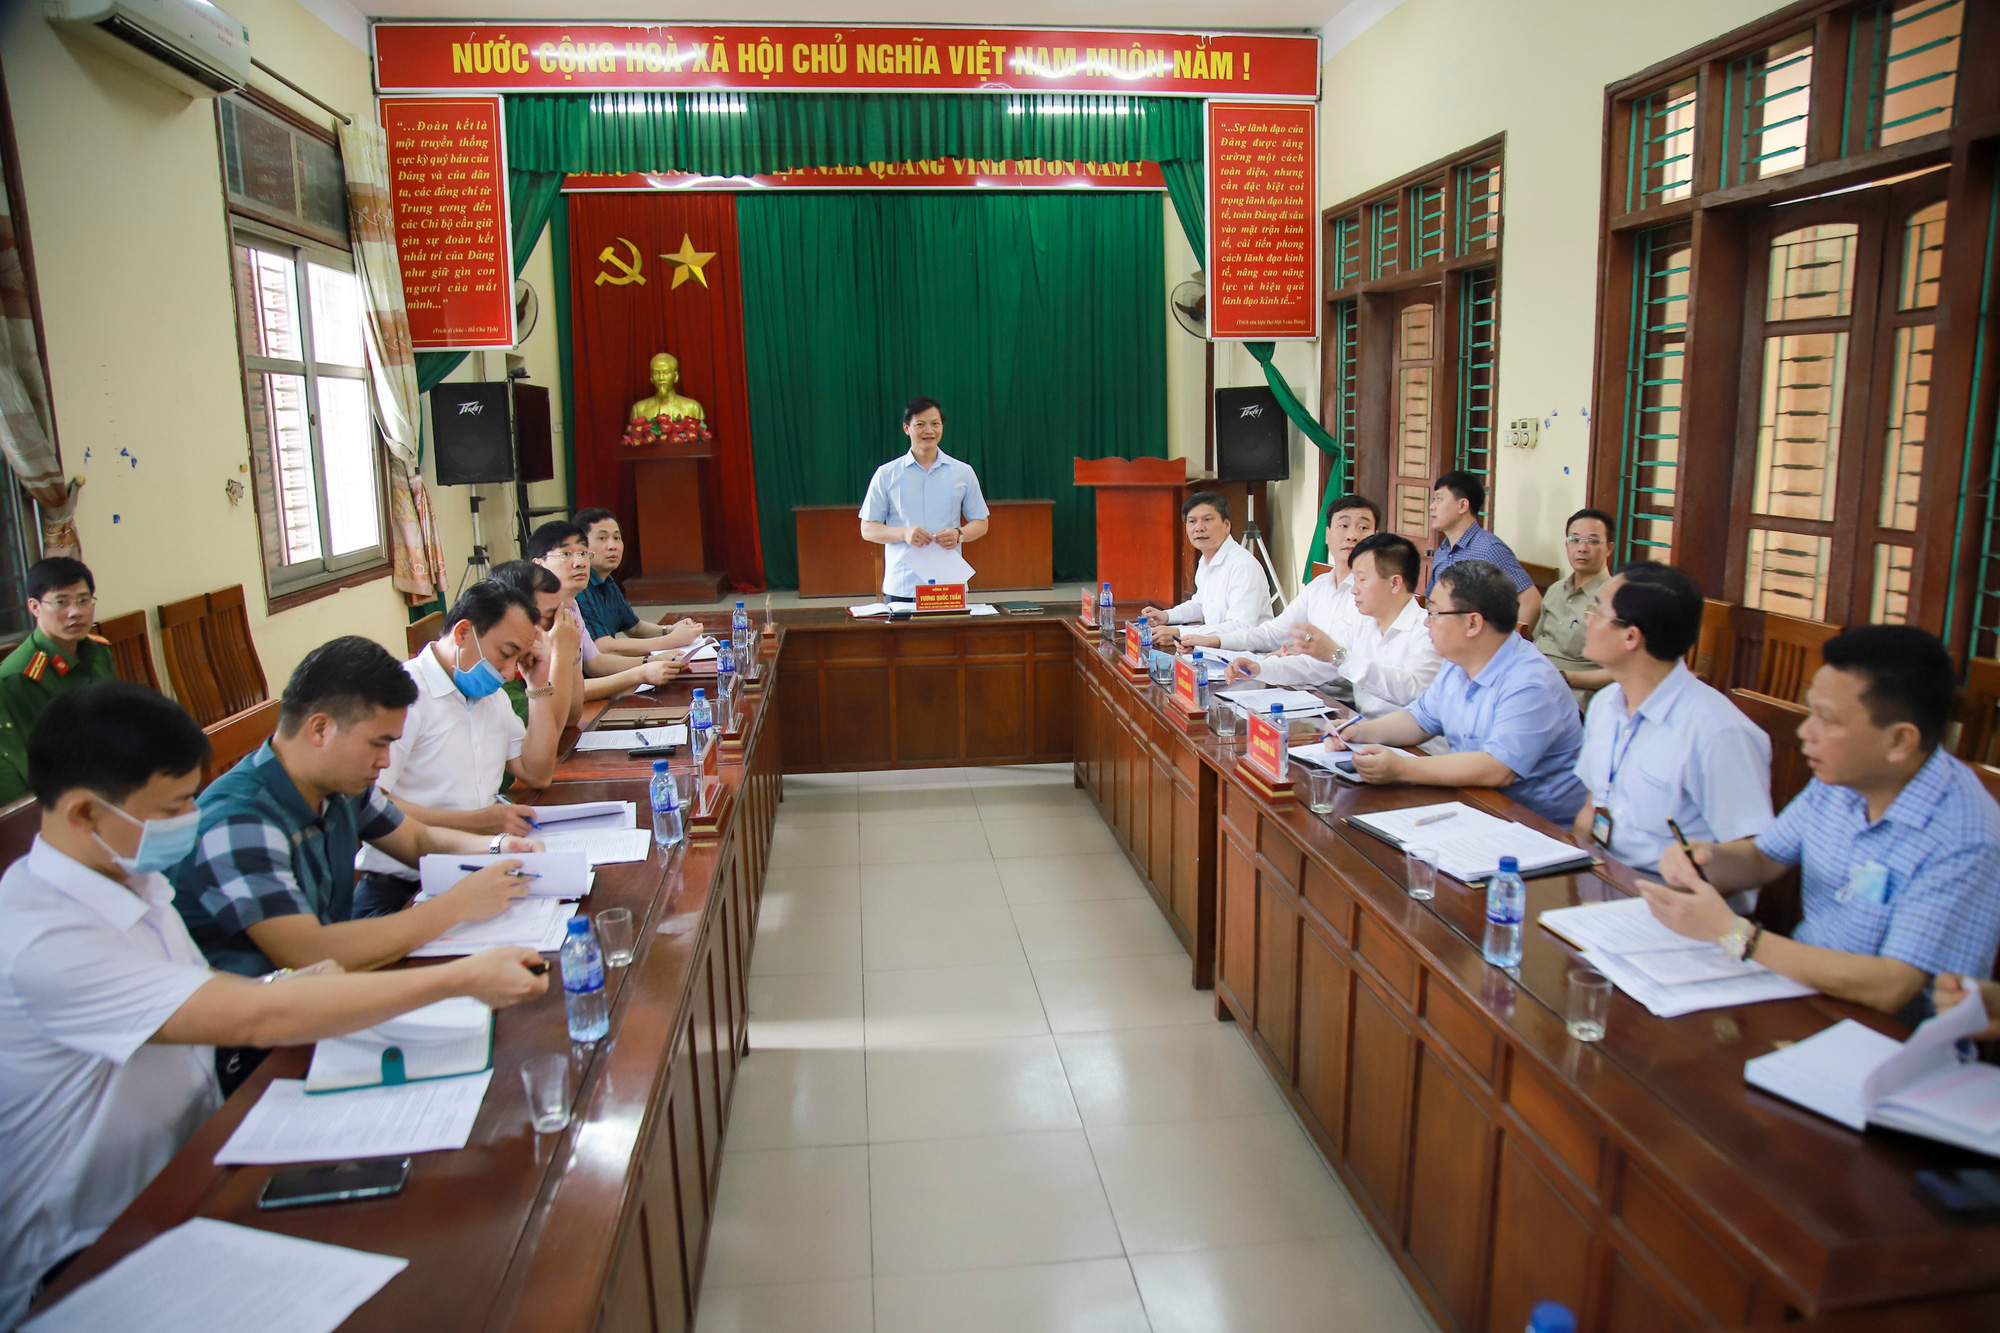 """Ô nhiễm kinh hoàng tại làng giấy Phú Lâm, Phong Khê, Phó Chủ tịch tỉnh Bắc Ninh ra tuyên bố """"rắn"""" với doanh nghiệp - Ảnh 14."""